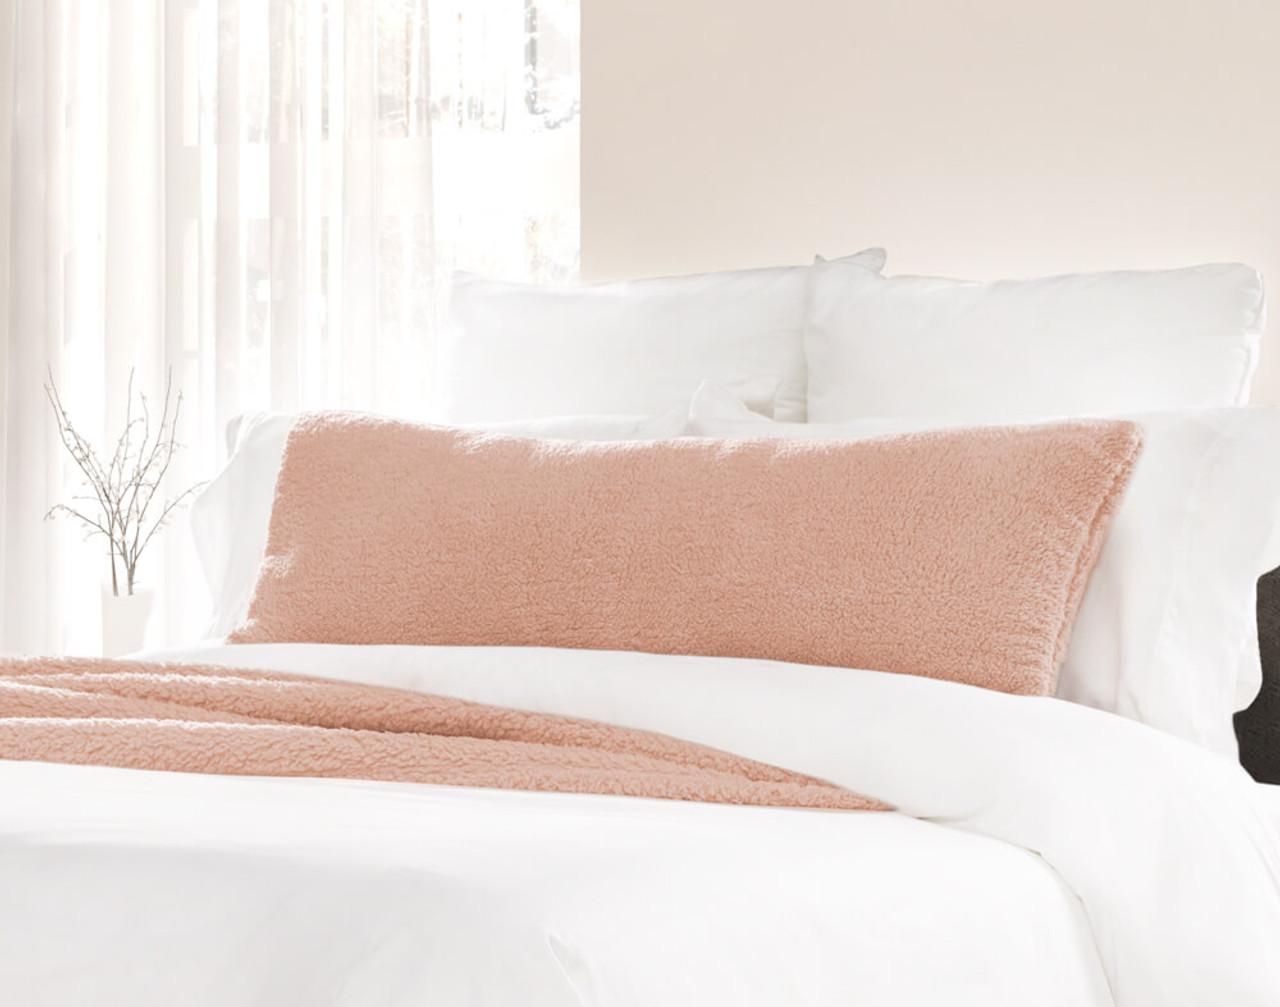 Teddy Lumbar Pillow in Dusty Peach, a light pink.